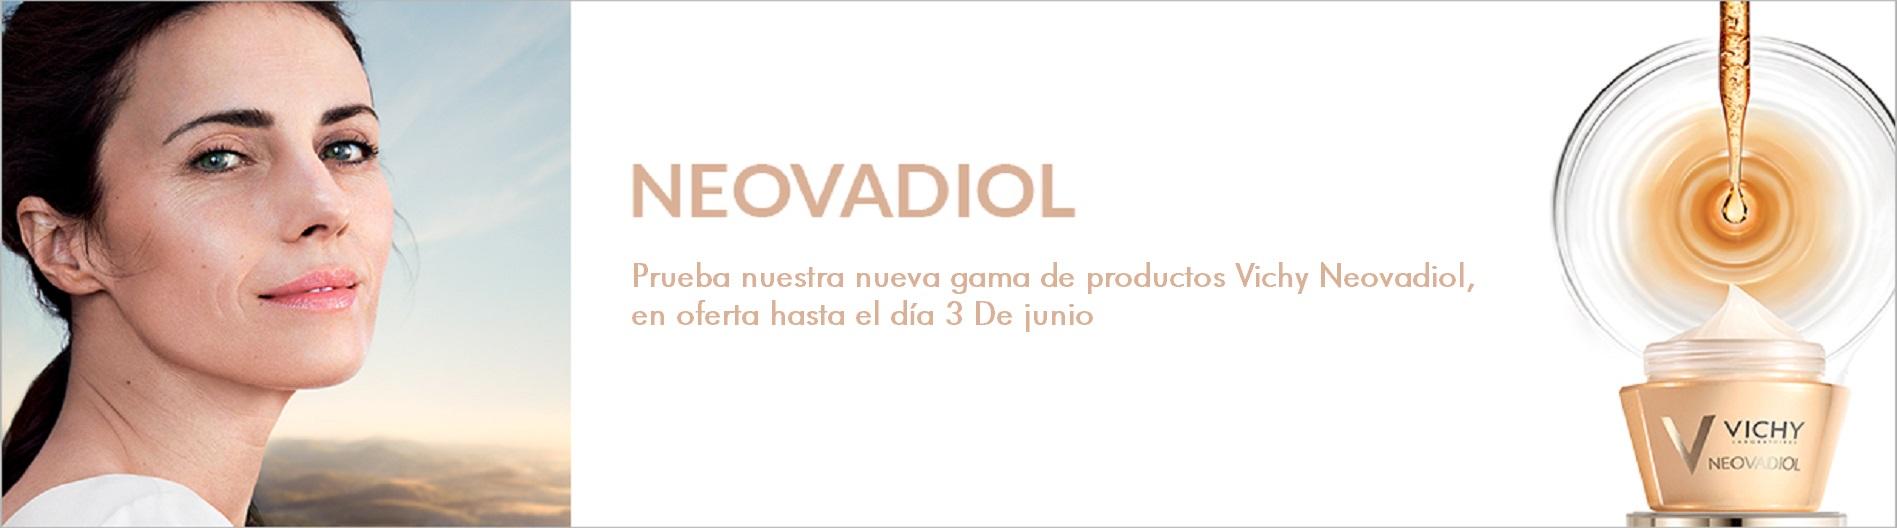 NEOVADIOL